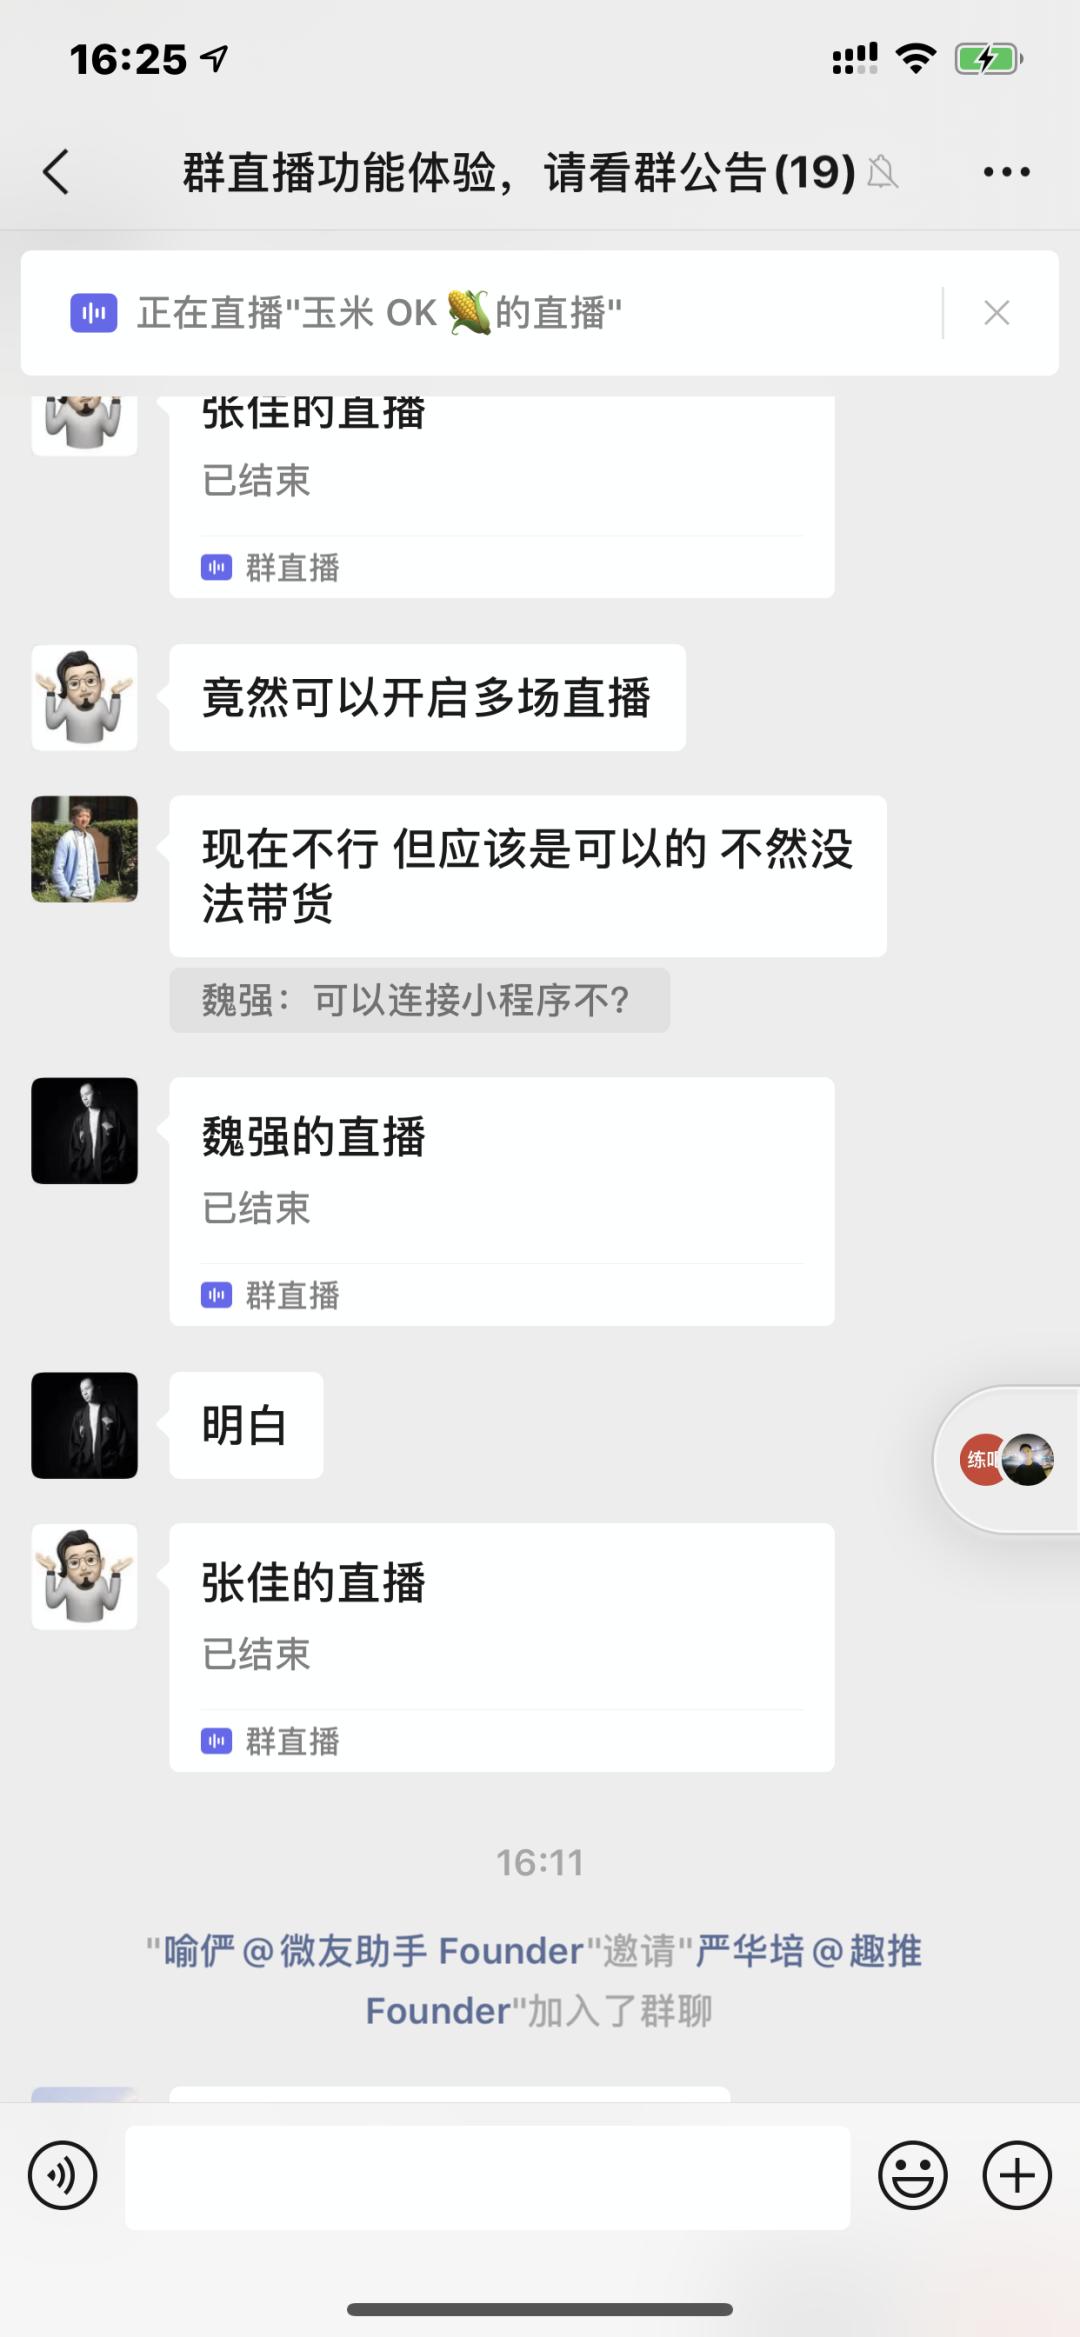 无需存款注册秒送38,新媒体运营,刘思毅,视频工具,分享,微信